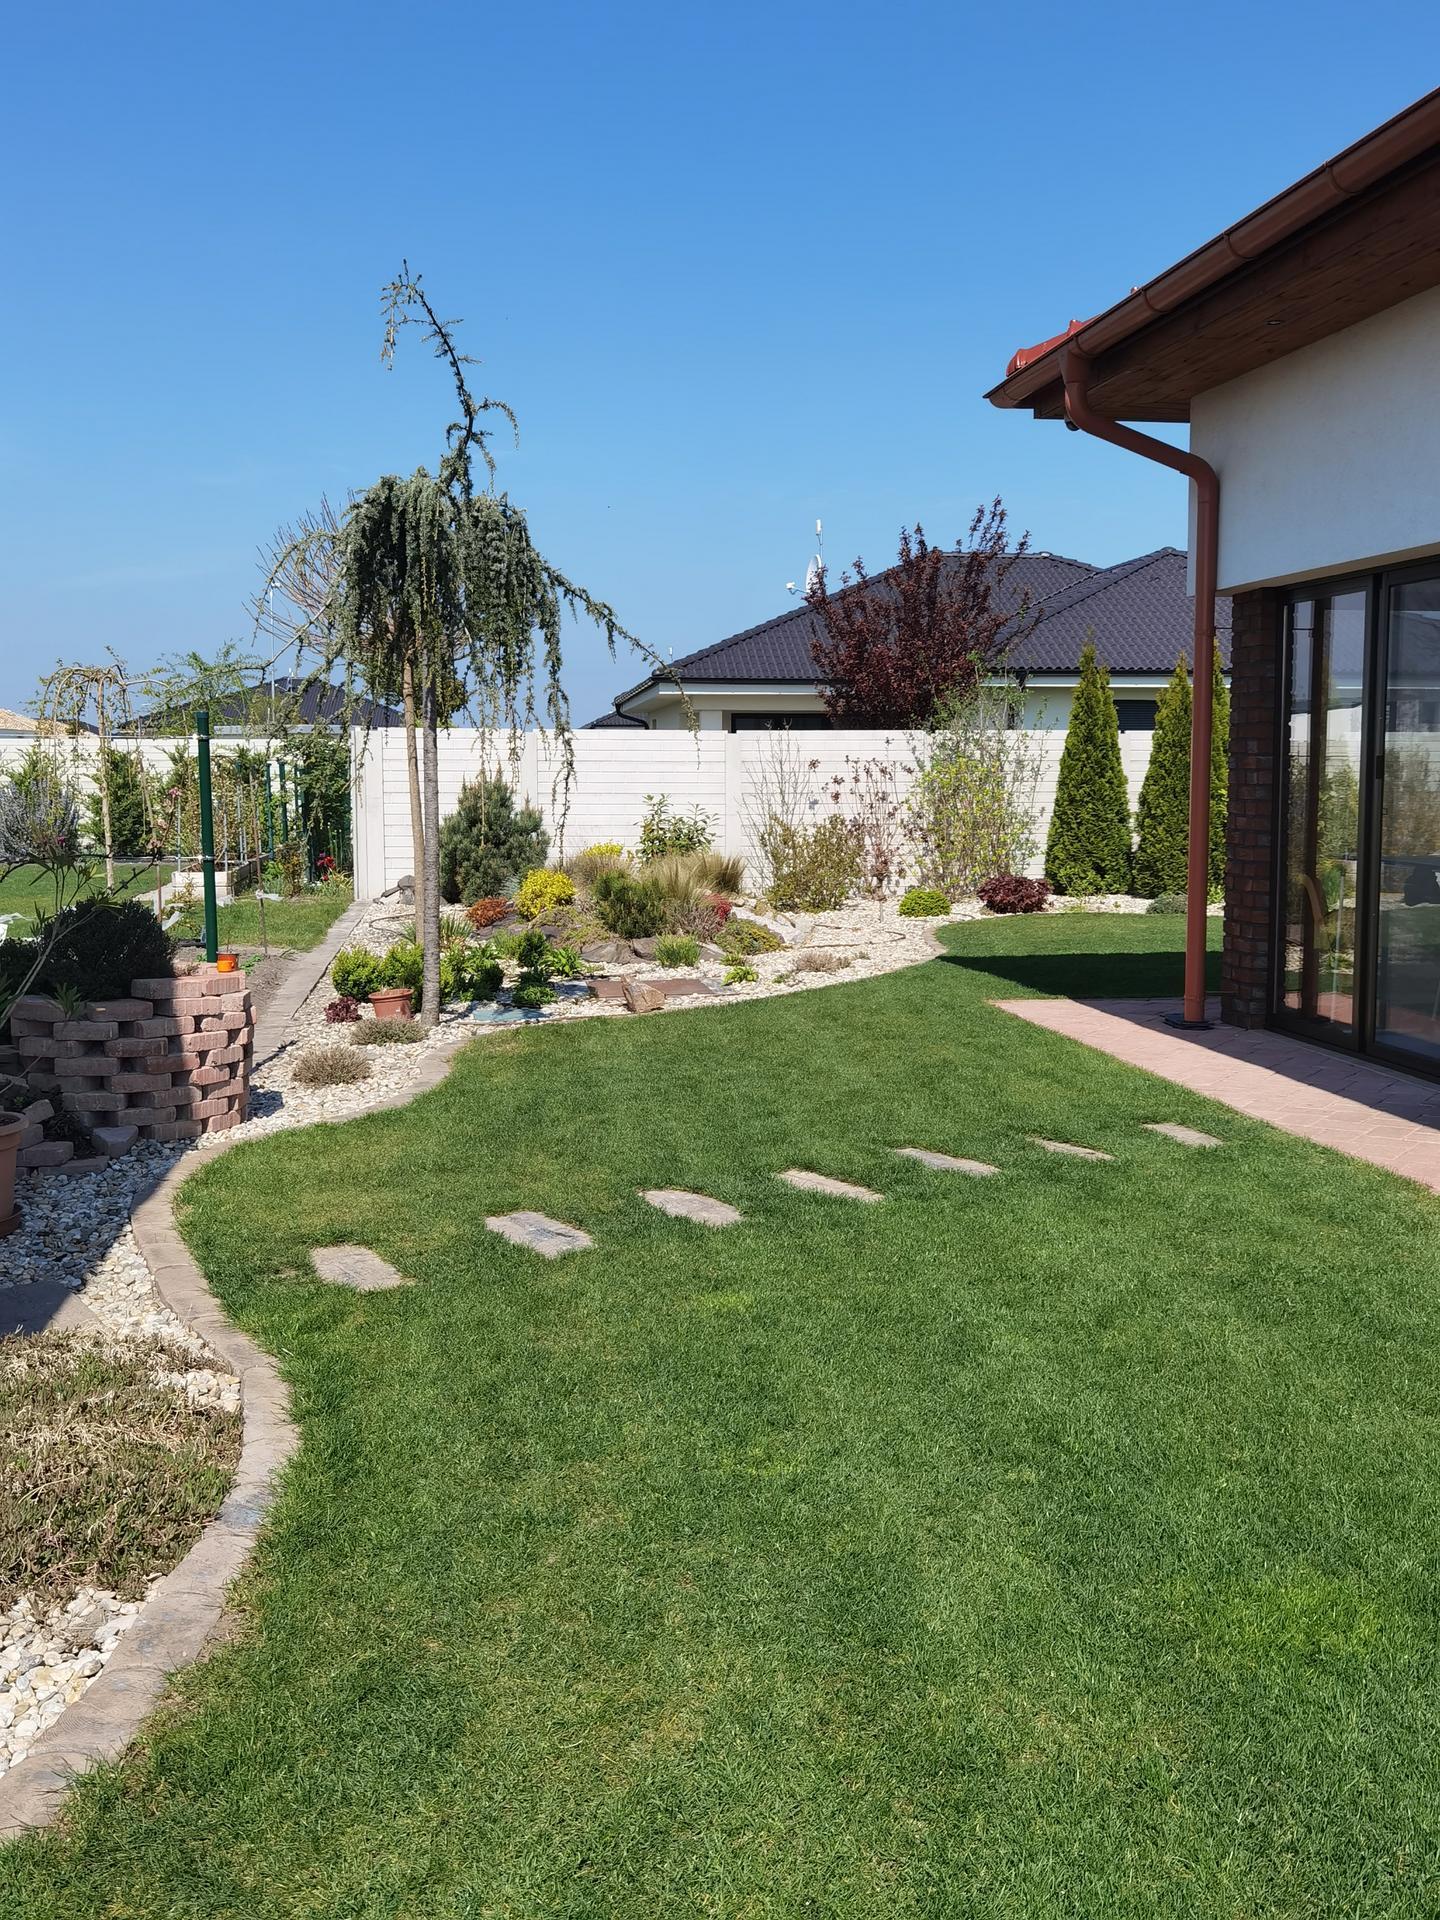 Záhrada 2021 - Obrázok č. 4